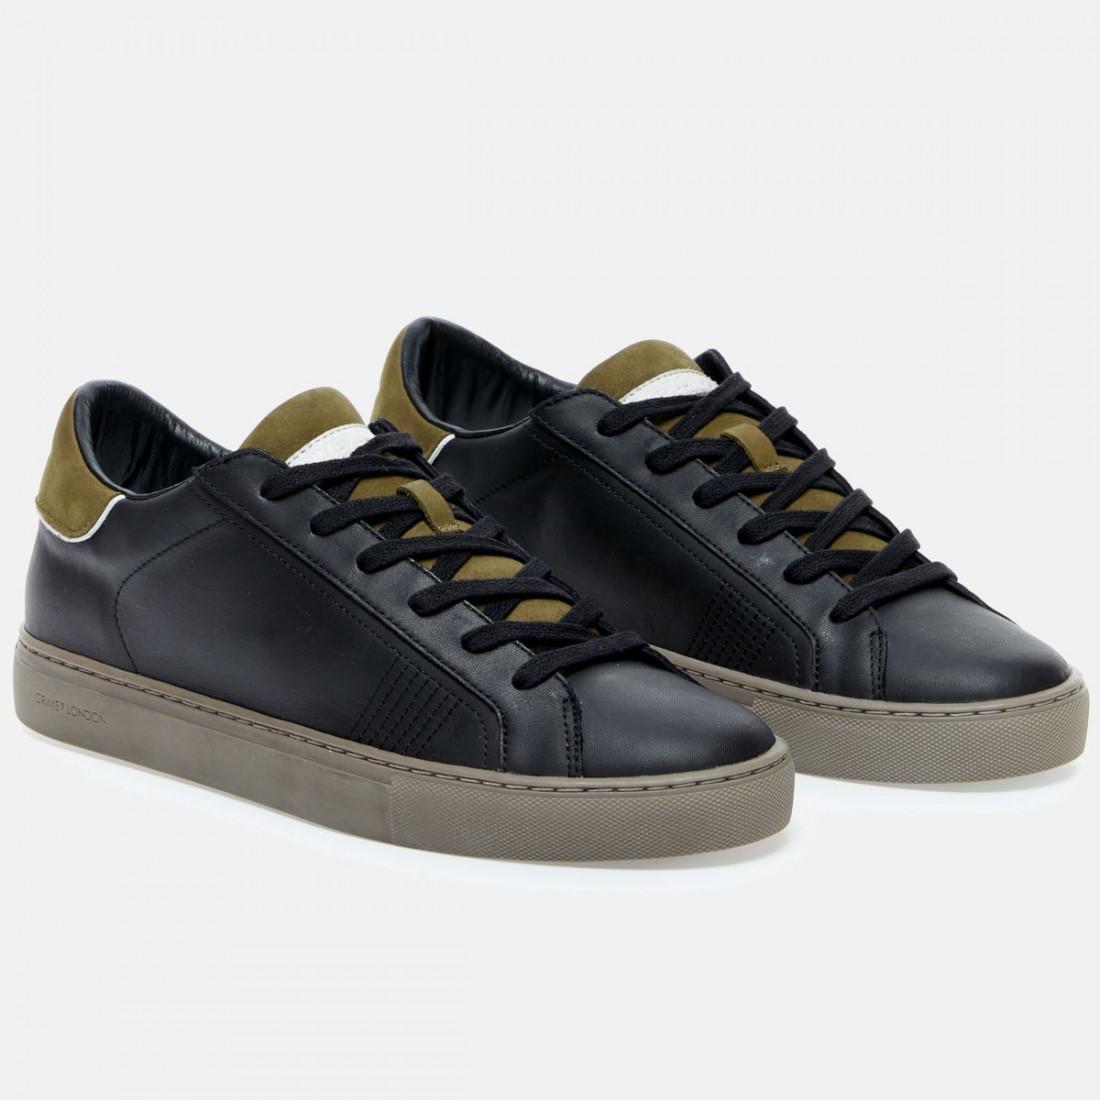 sneakers uomo crime london 10622blackmilitare 9170